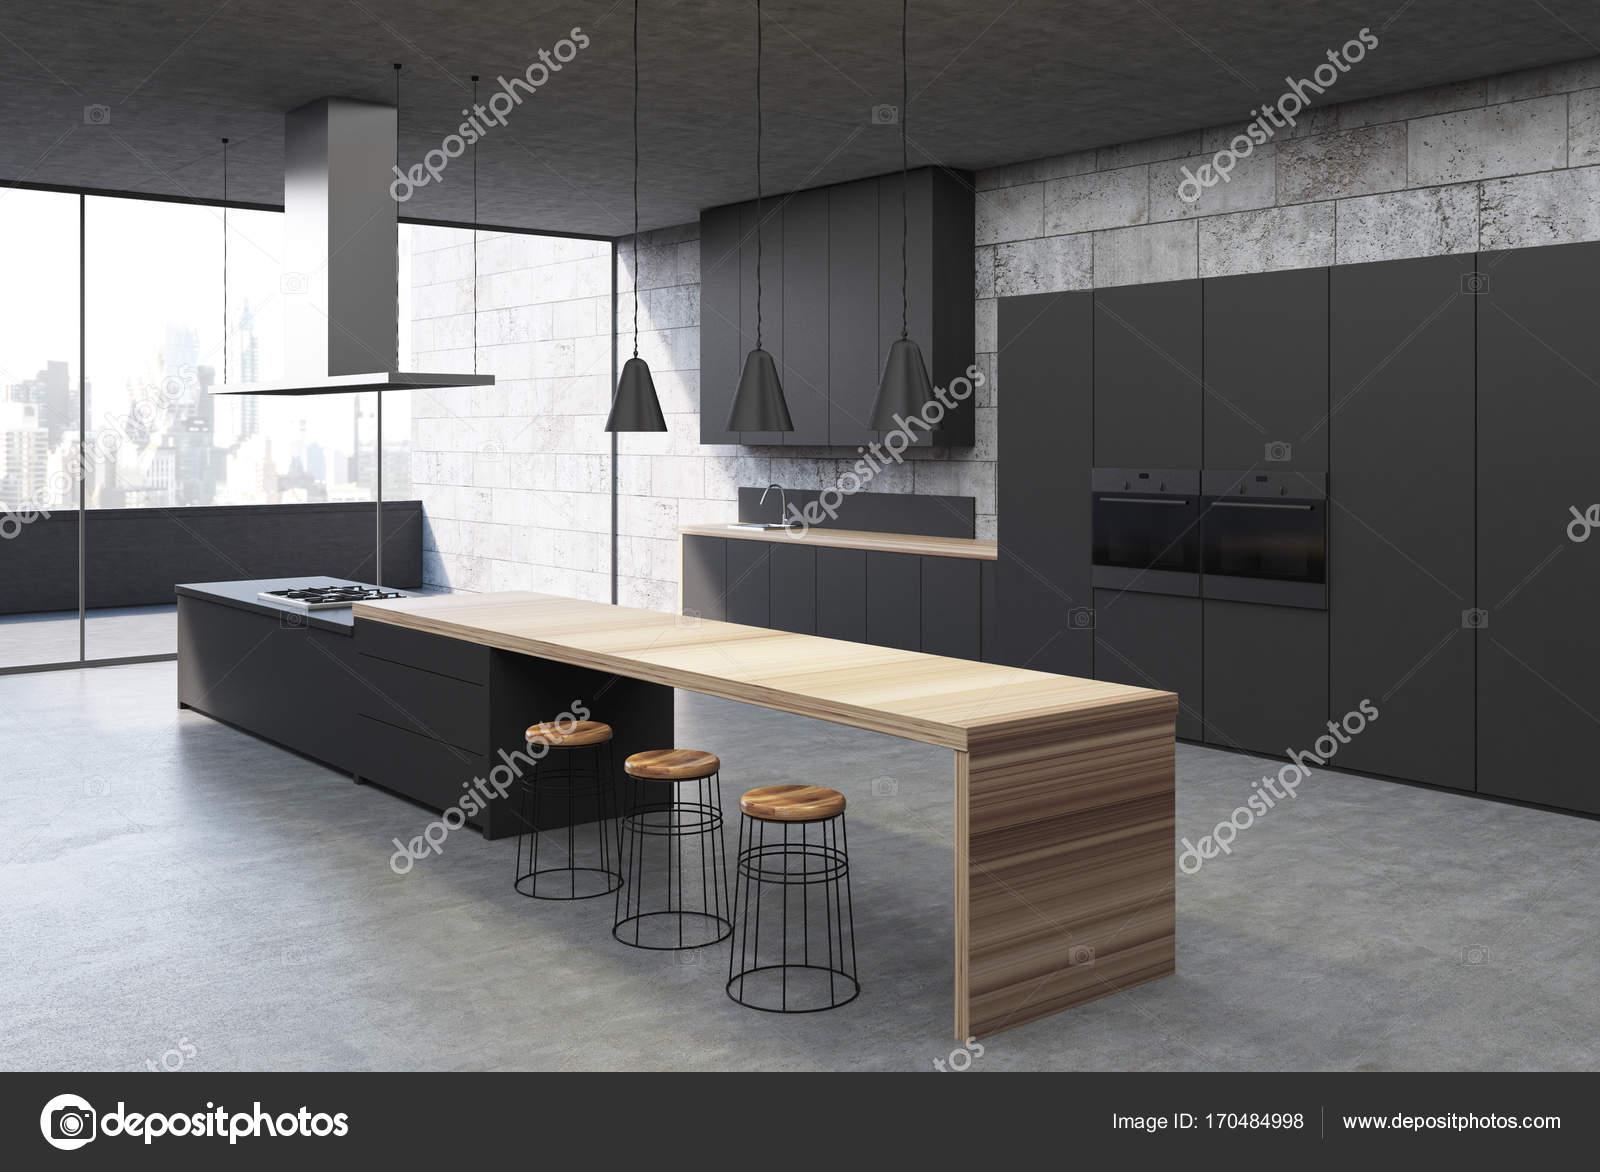 Gabinetes de cocina hormigón interior, negro, en la esquina — Foto ...